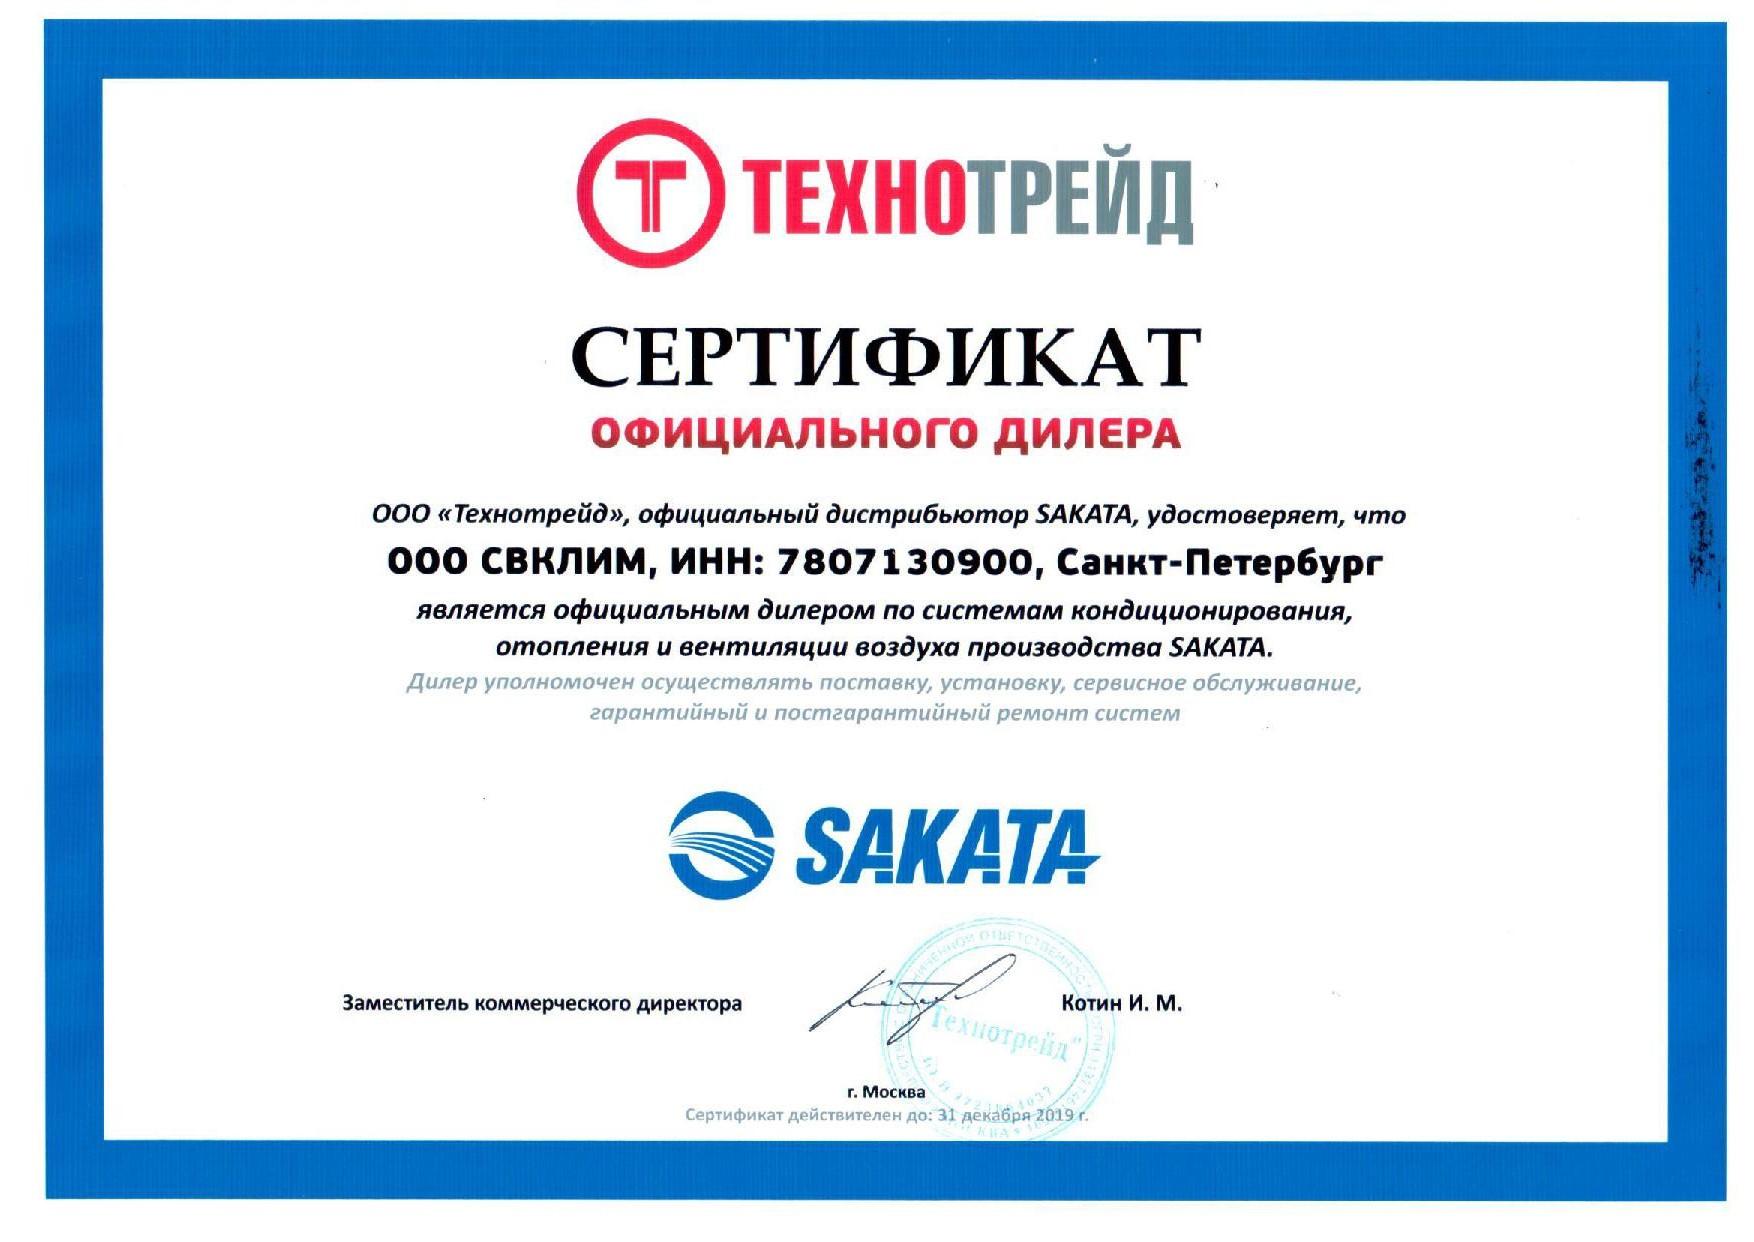 http://svclim.ru/images/upload/СВКЛИМ%20(Sakata).jpg